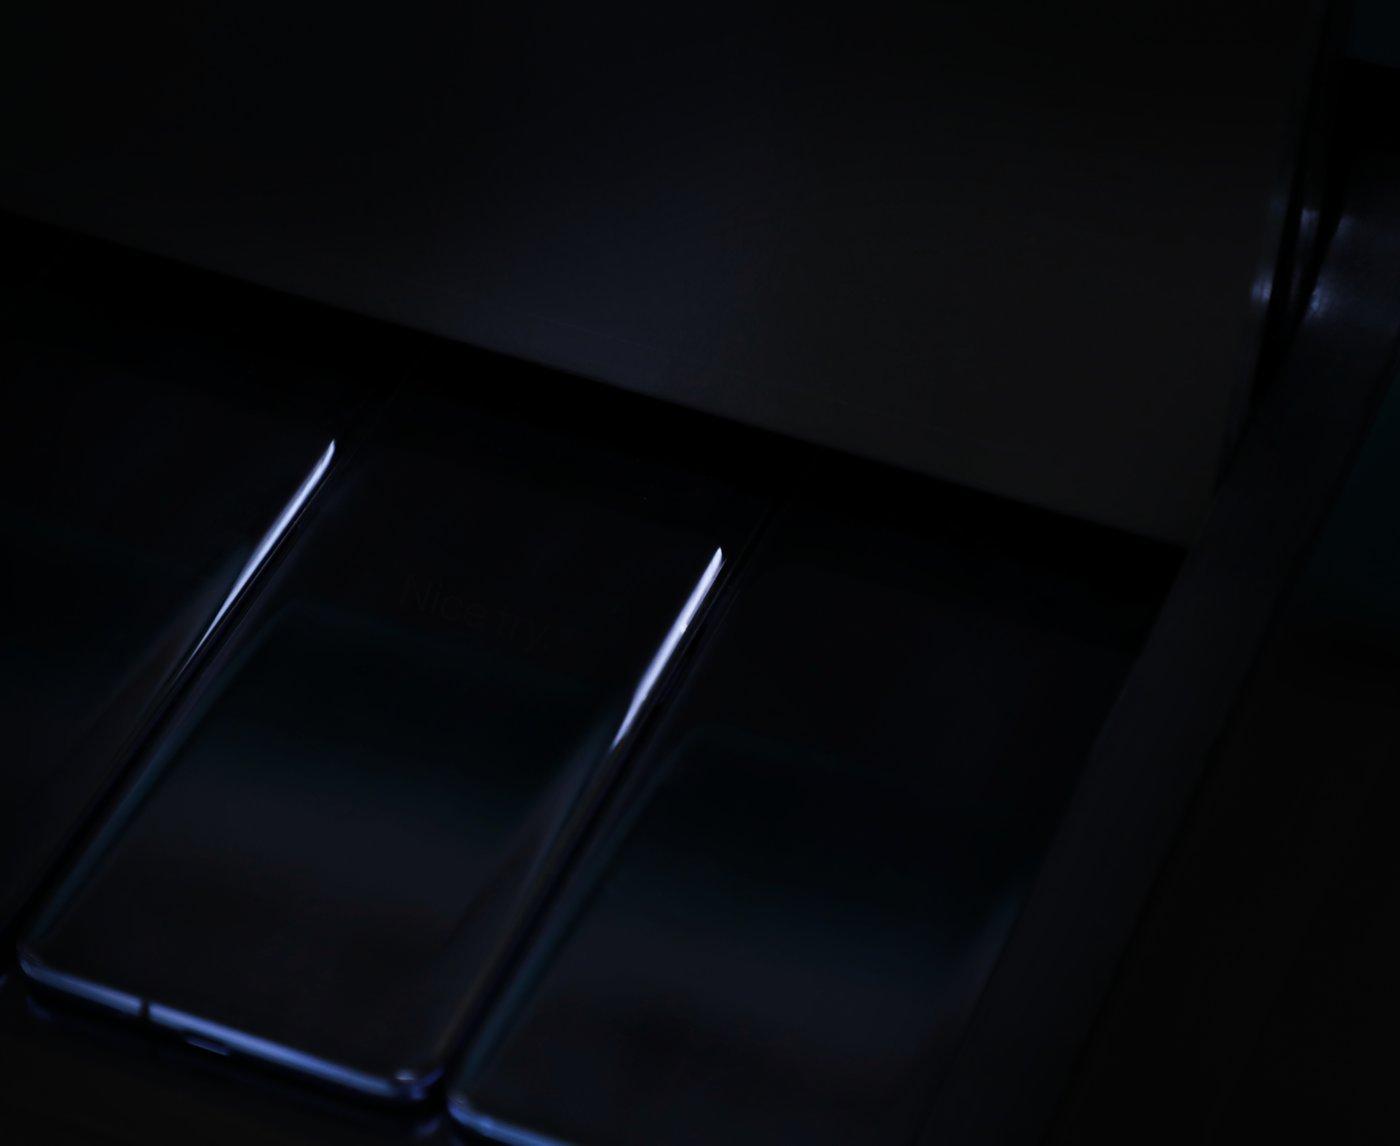 Los bordes de la pantalla podrían iluminarse al llegar notificaciones